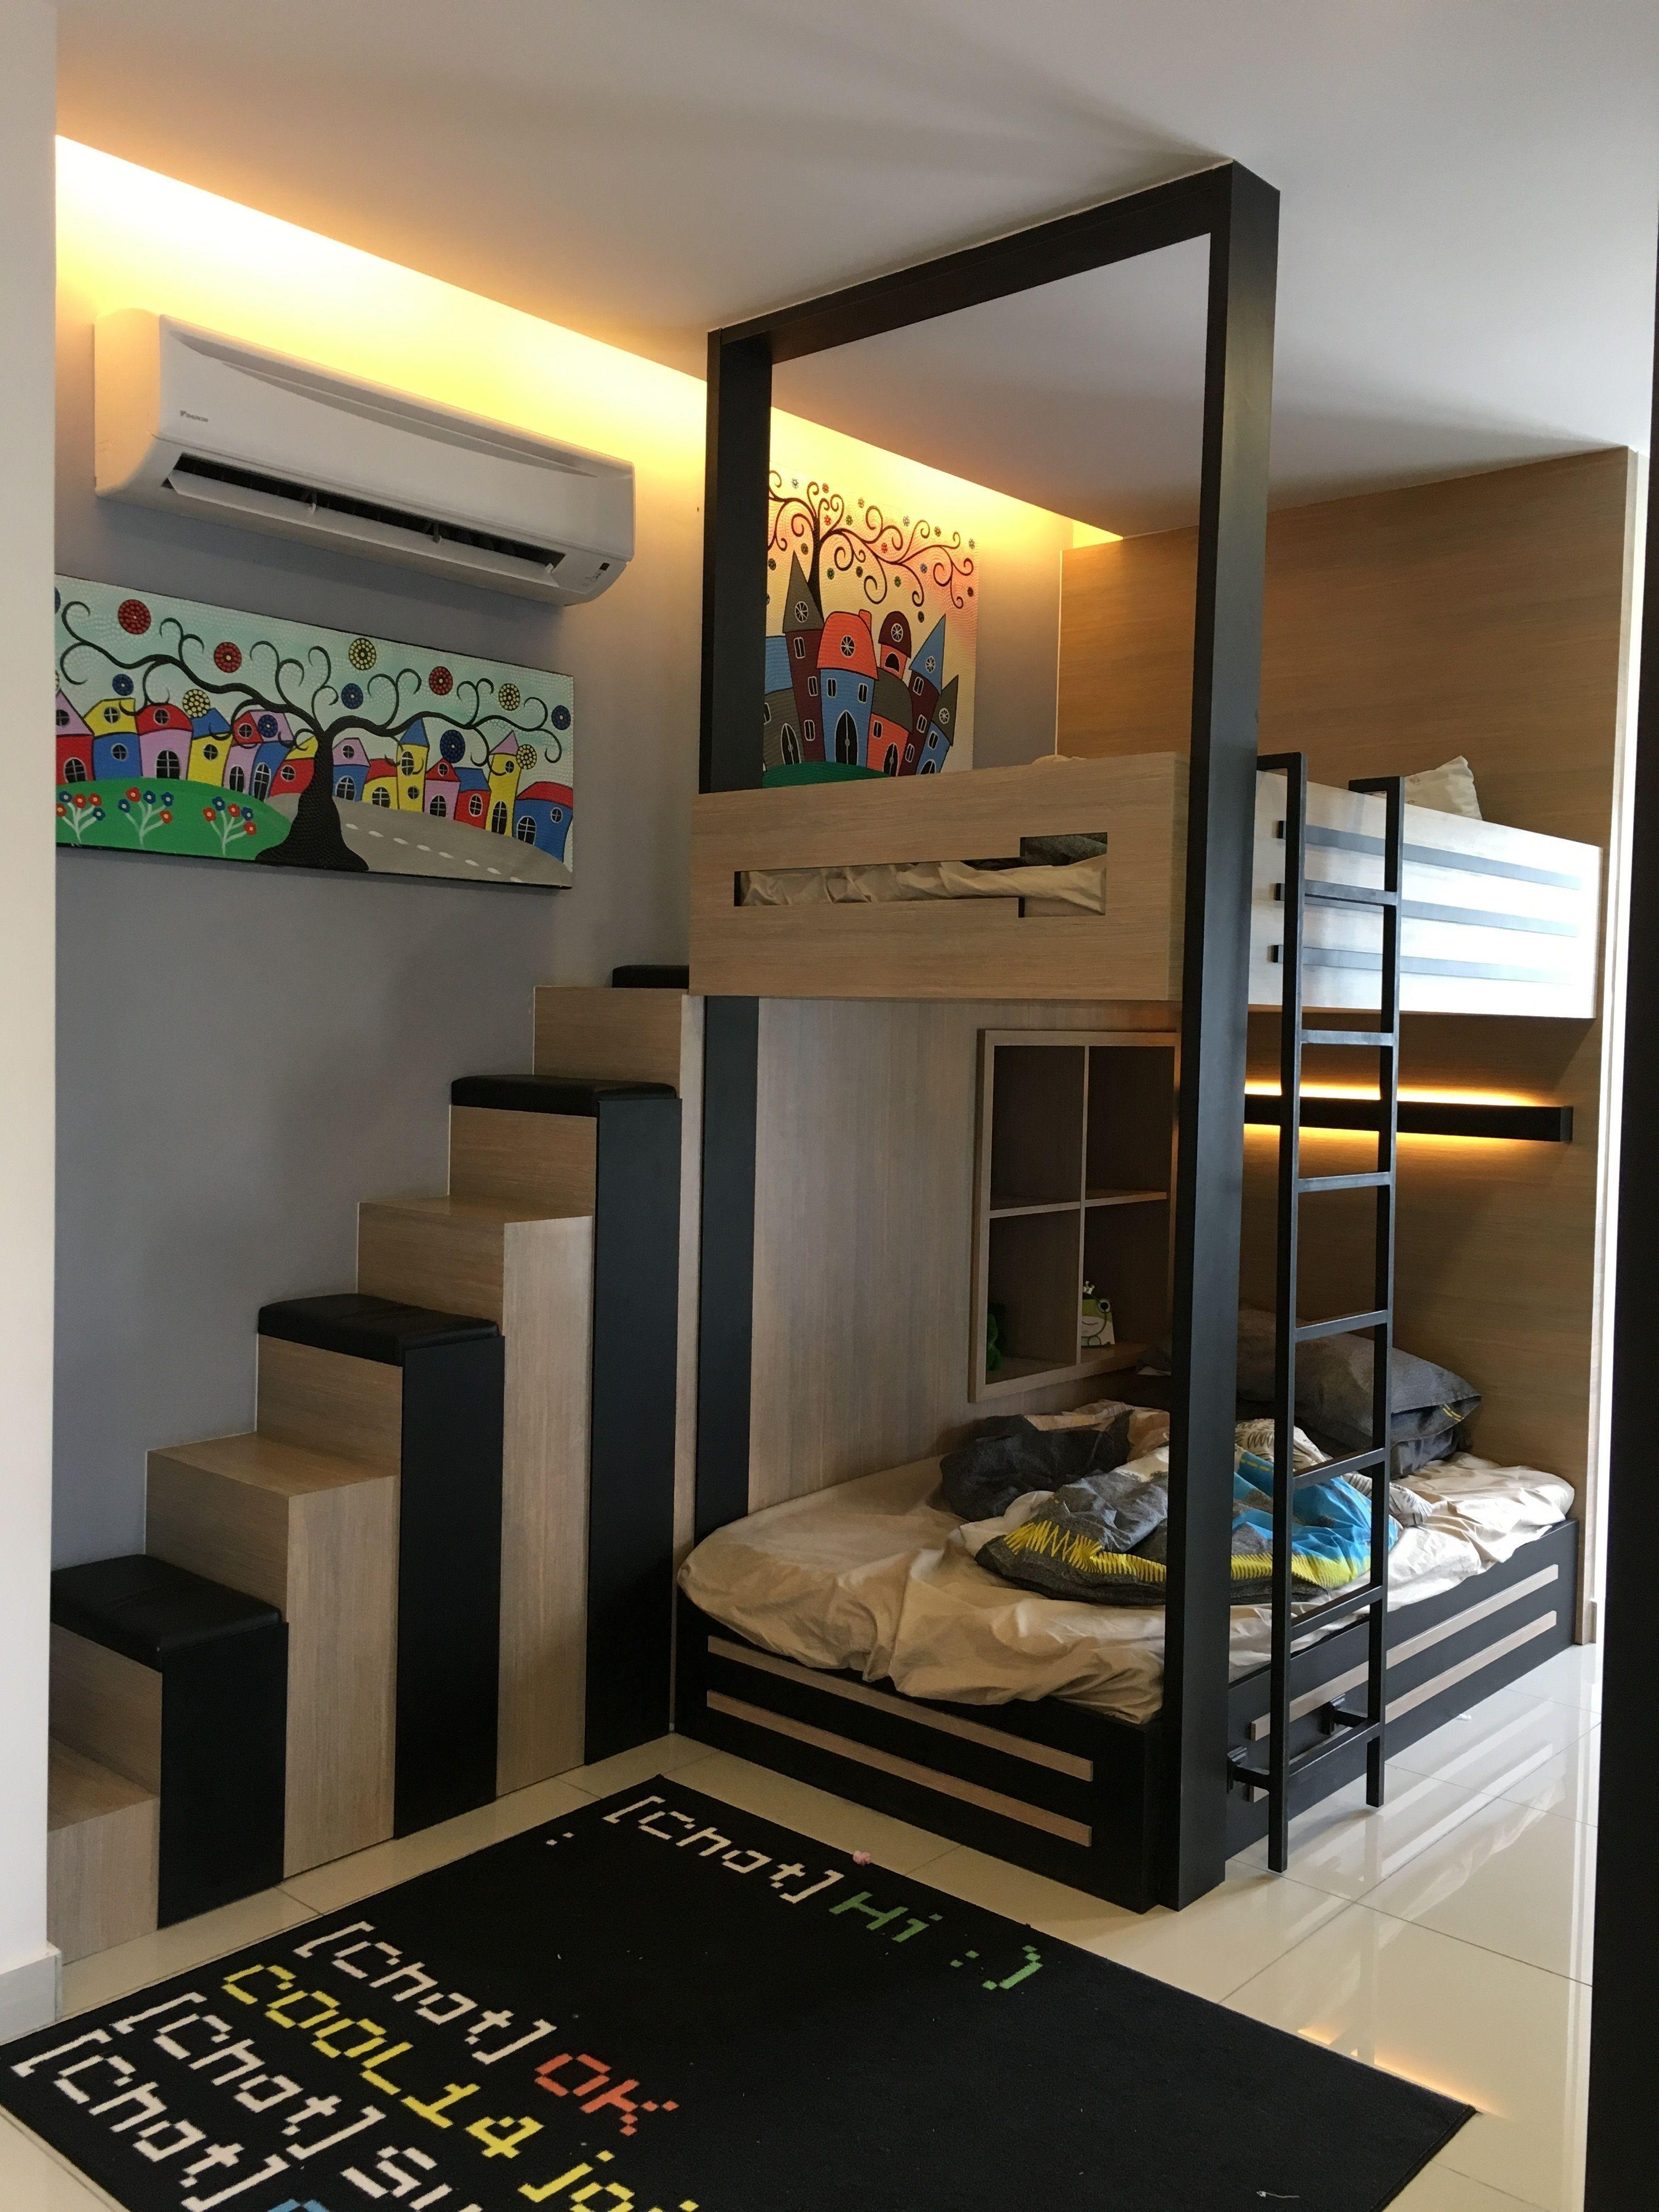 Double Decker Bed  Hostels design, Bedroom design, Bed